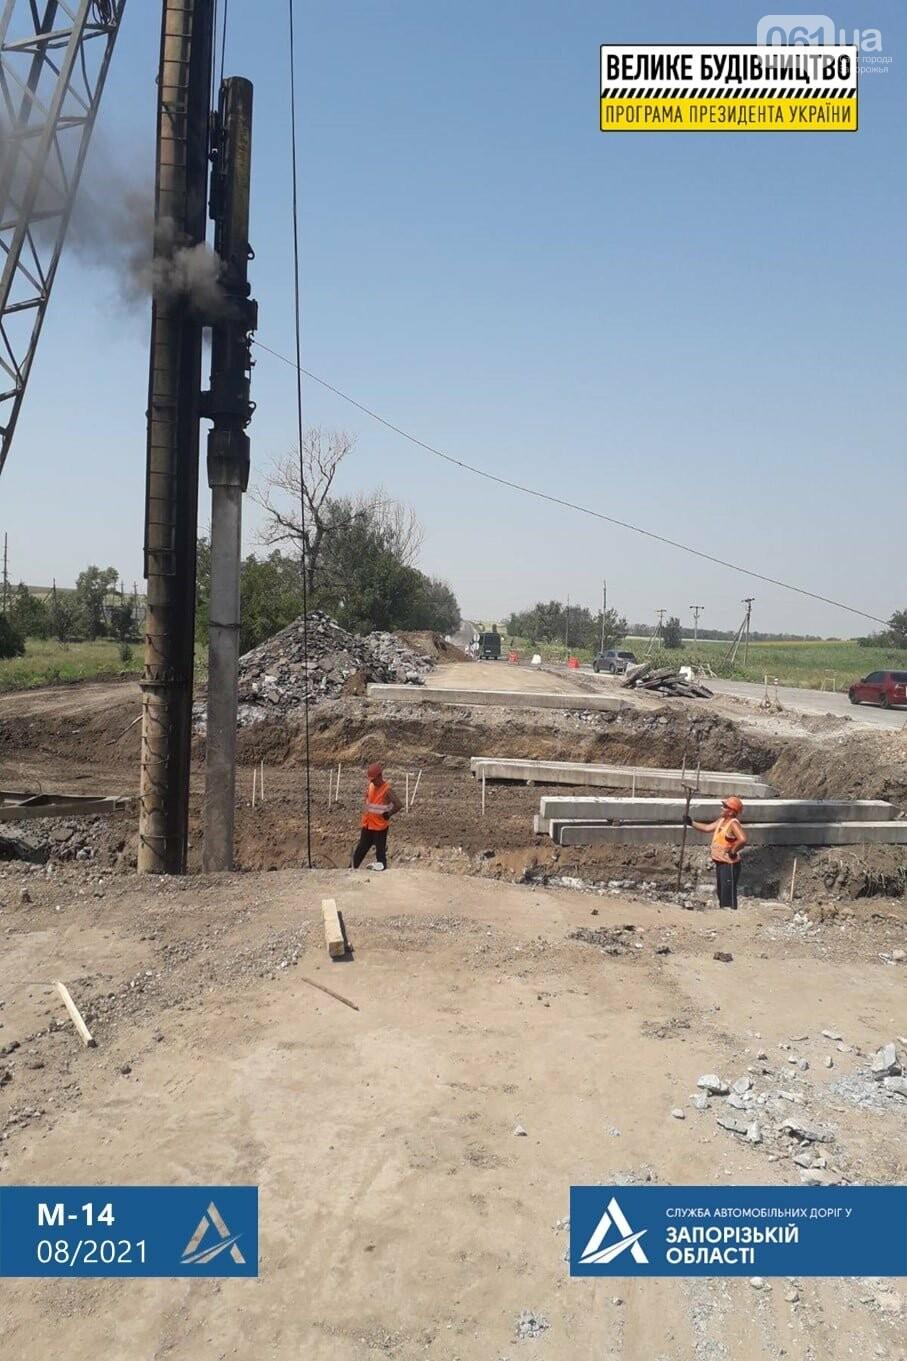 22683697242235940310811201111991080410534226n 610d0c48aca2f - На трассе Одесса - Новоазовск проводят ремонт двух мостов в Бердянском районе